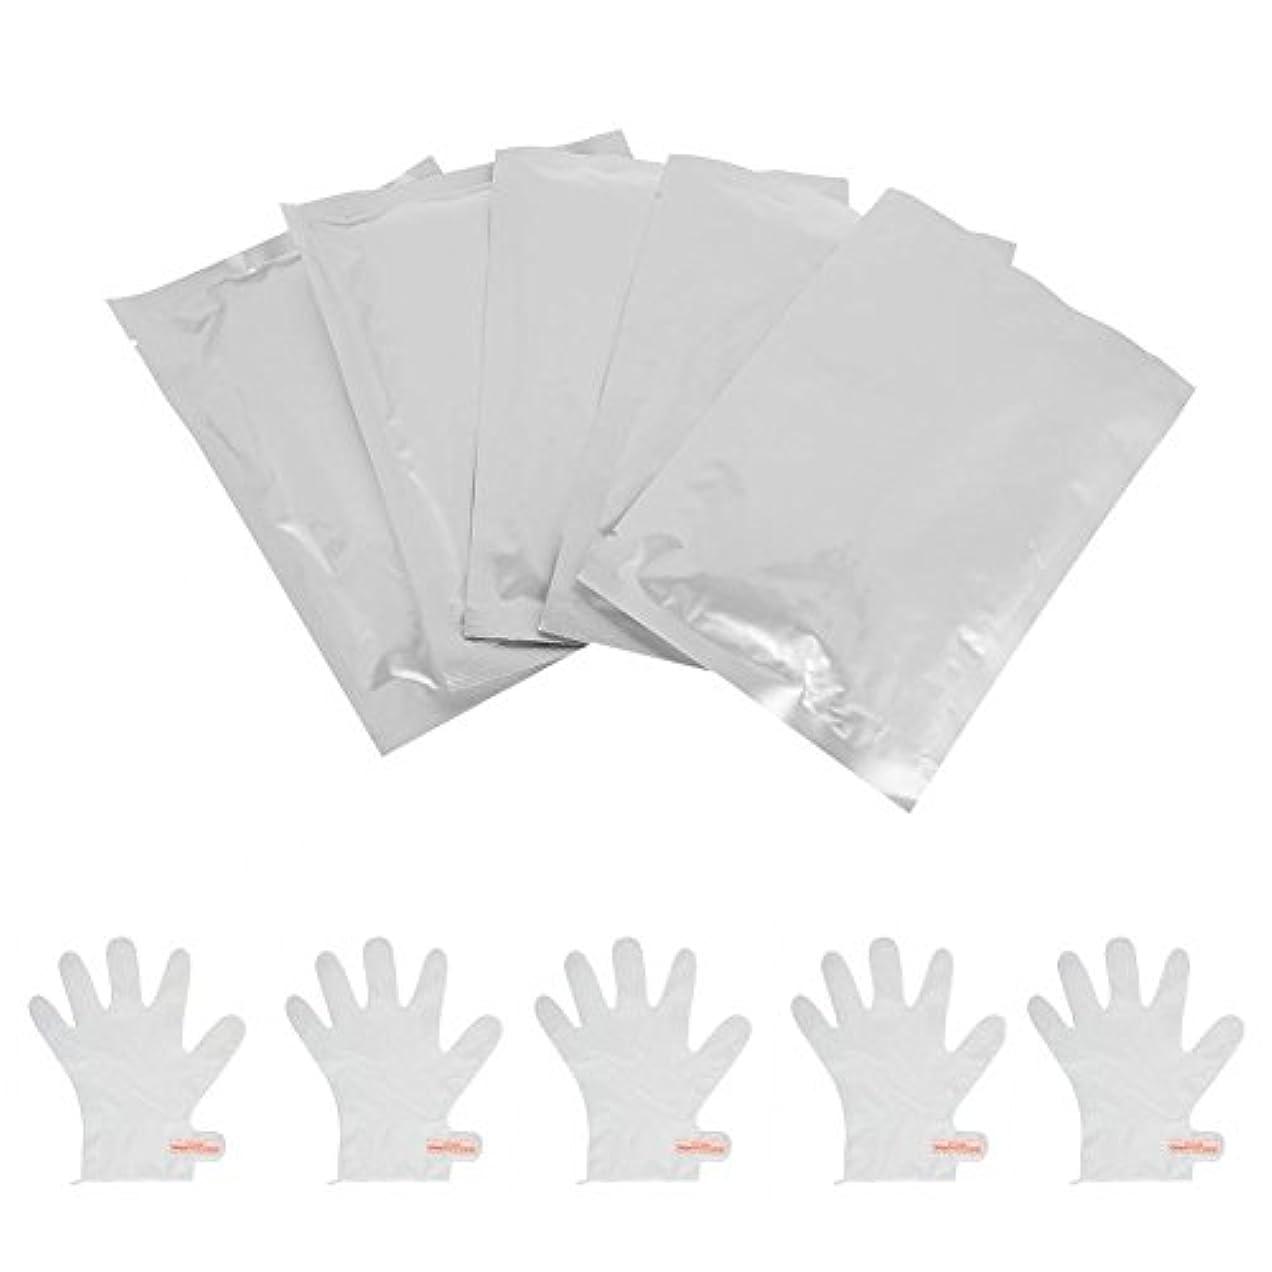 新しい意味広範囲非常に怒っていますOchun ハンドマスク ハンドパック しっとり 保湿ケア 手荒れを防ぐ 乾燥の季節に適用 手袋のようにはめるだけ 10枚セット